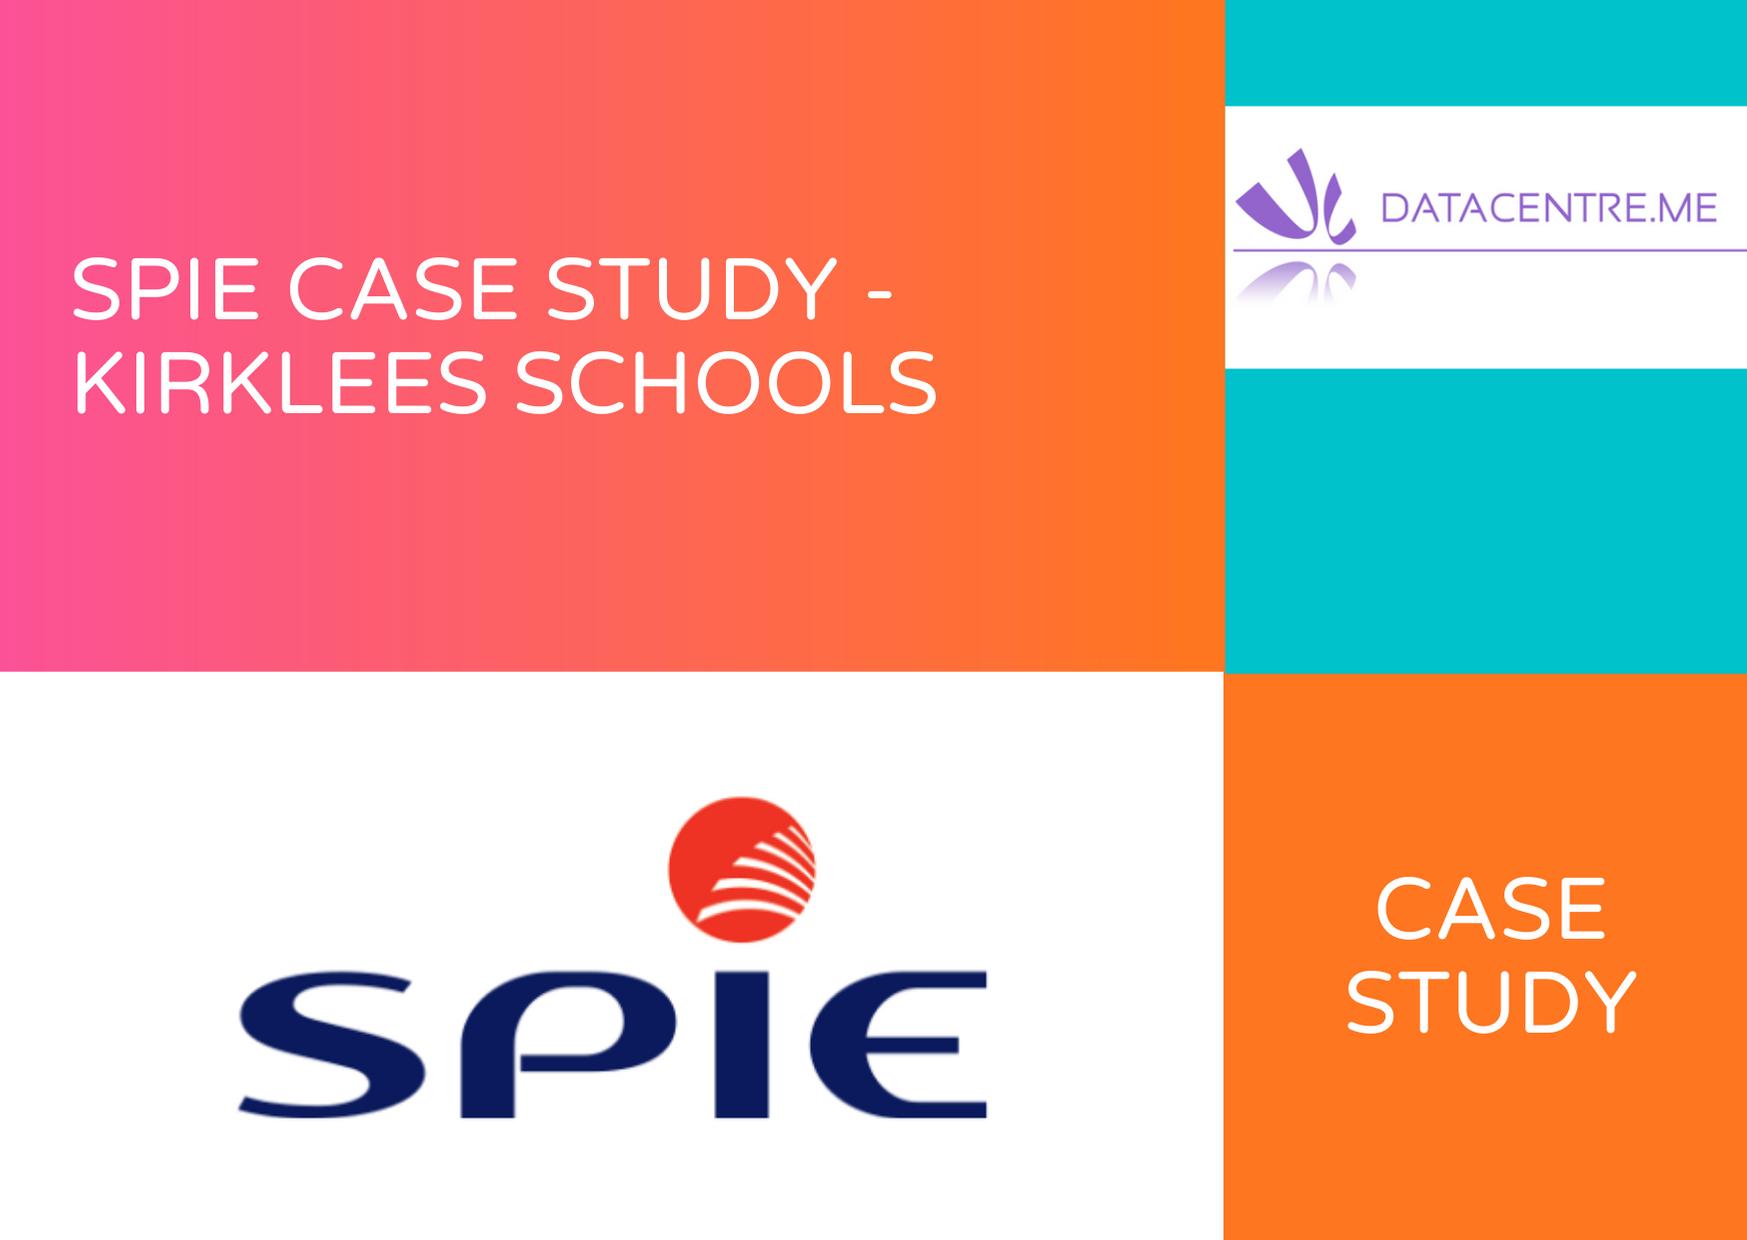 SPIE CASE STUDY - KIRKLEES SCHOOLS